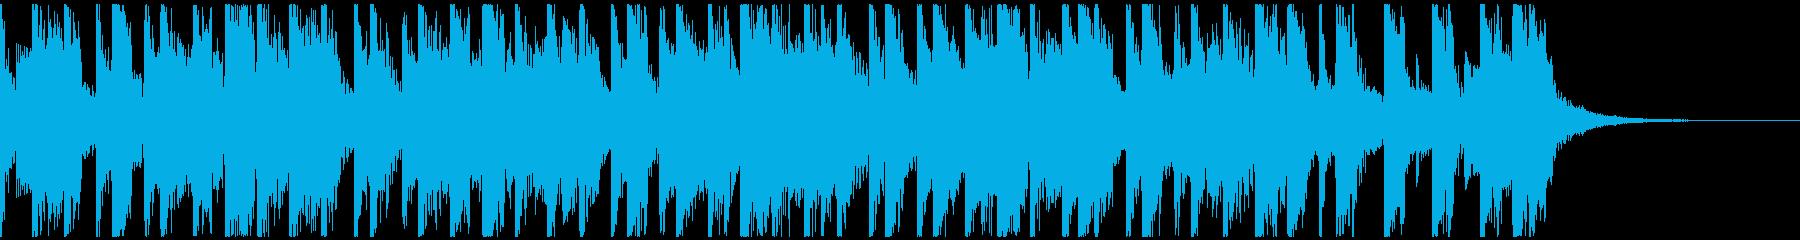 絶妙なダサさの80年代風ジングルの再生済みの波形